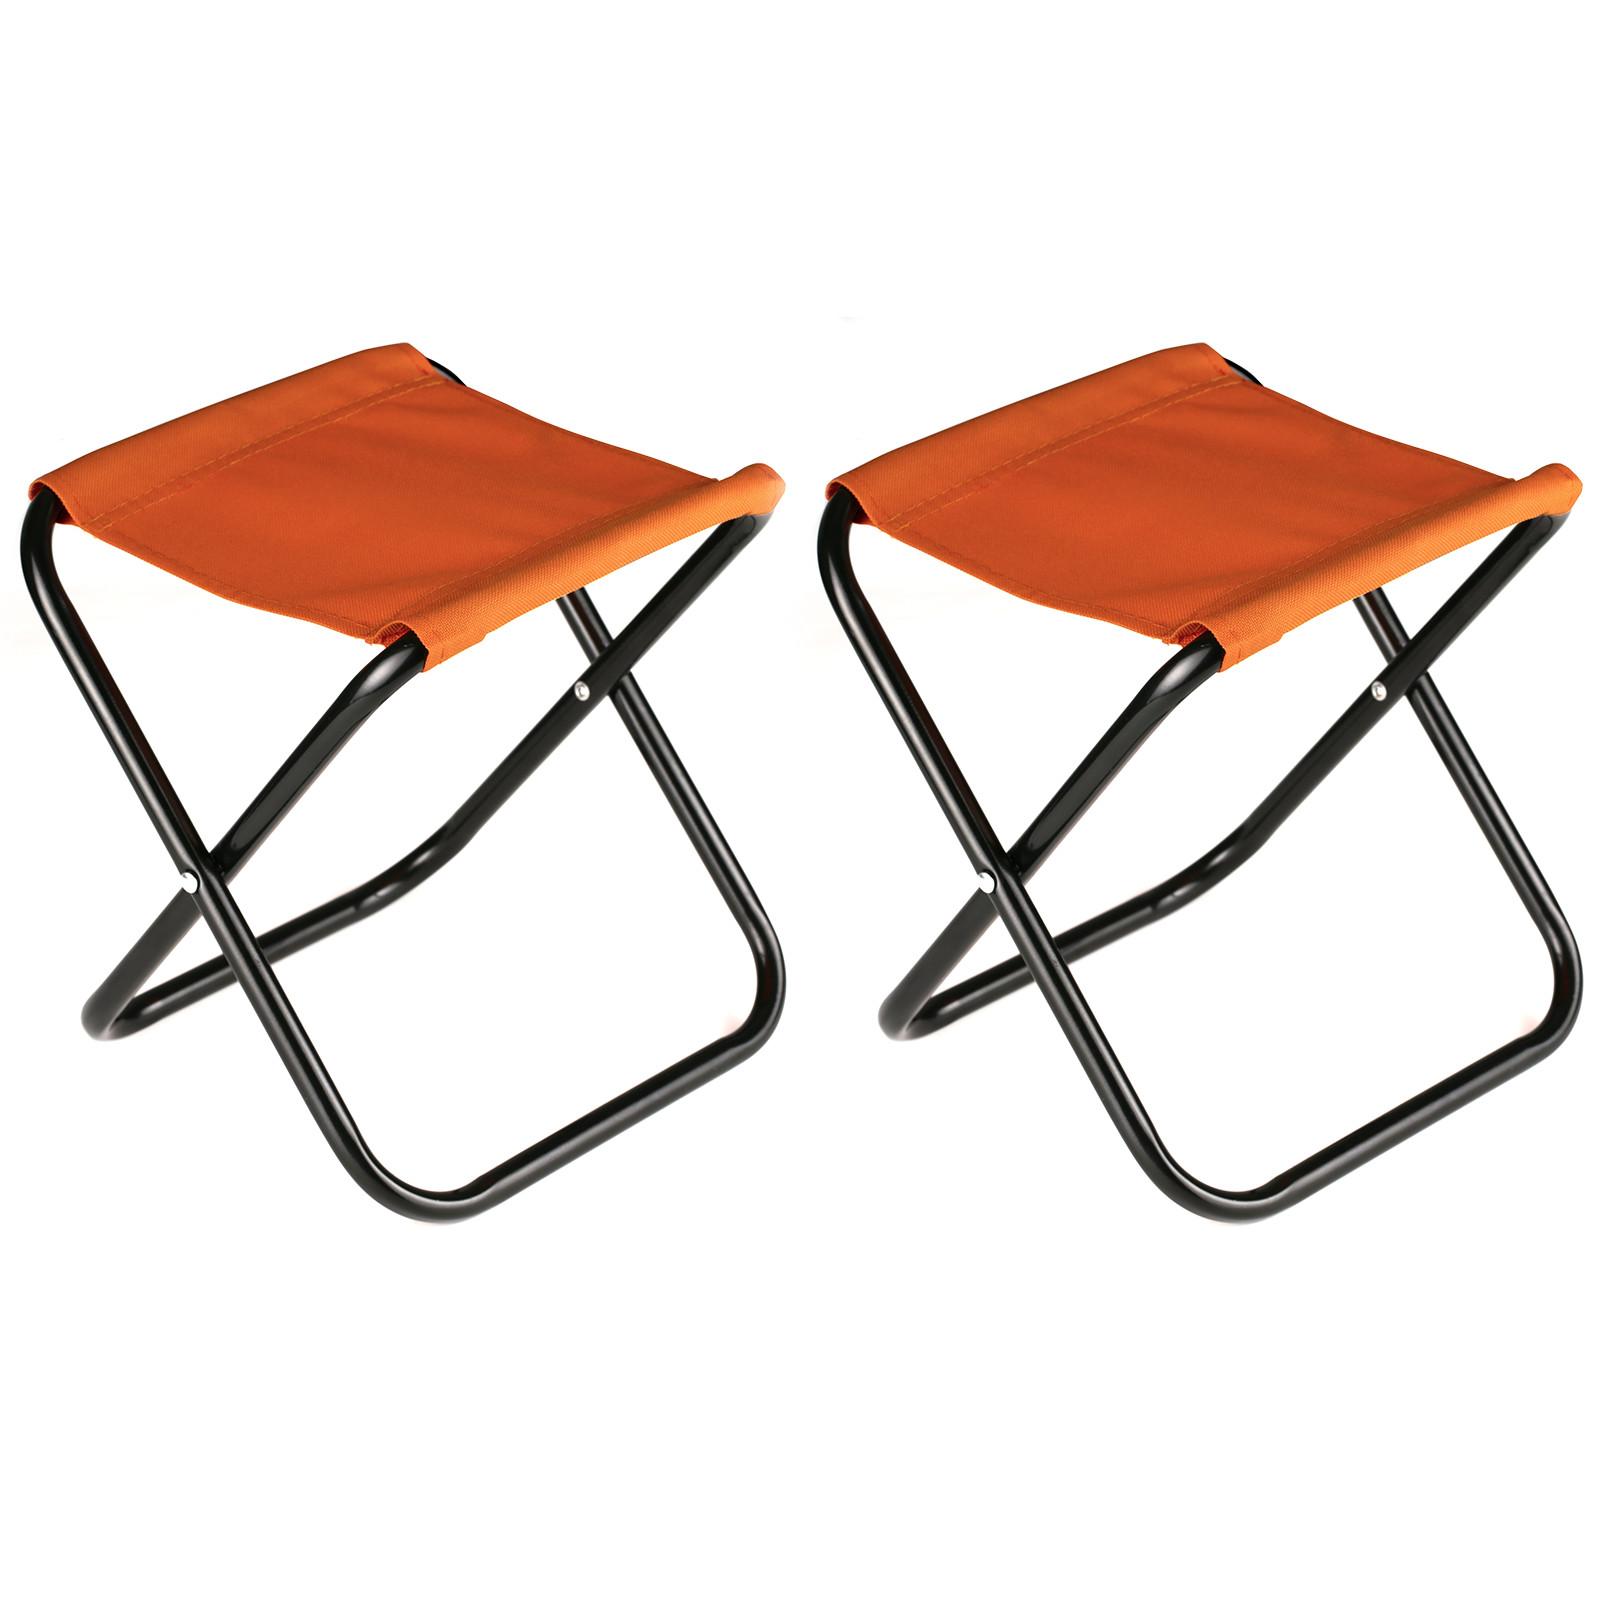 2 x klappstuhl campingstuhl angelstuhl anglerstuhl klapphocker falthocker kinder ebay. Black Bedroom Furniture Sets. Home Design Ideas